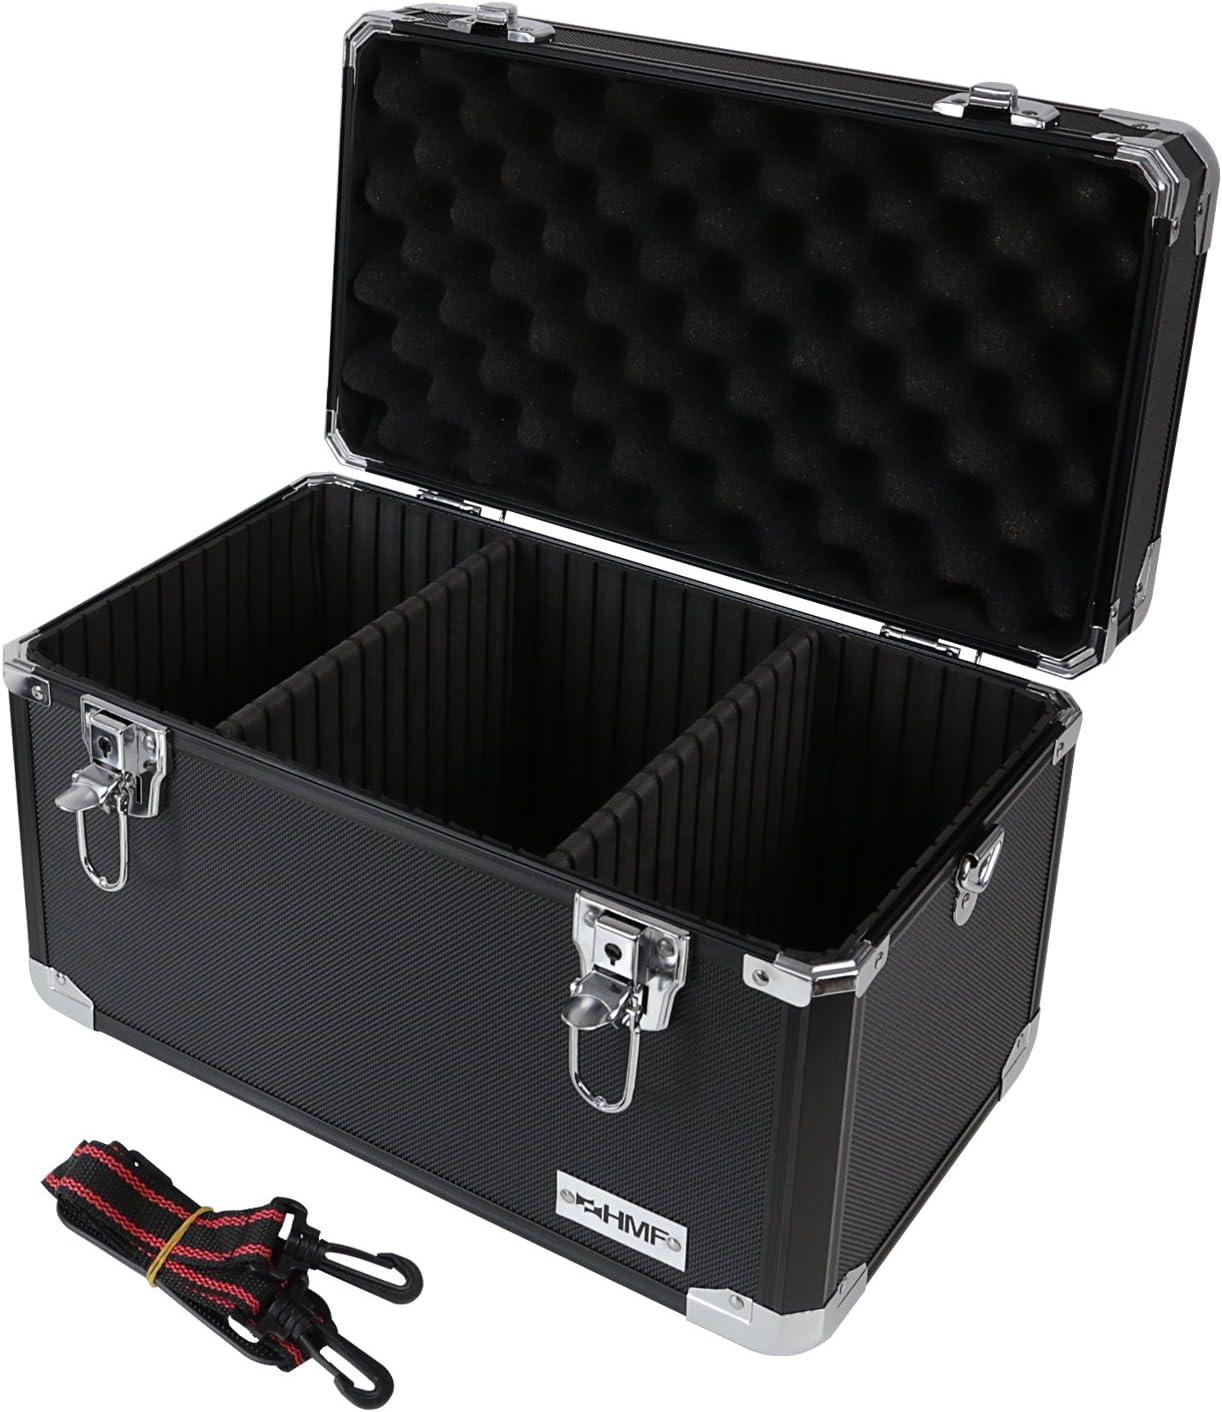 HMF 14801-02 Maletín de Transporte, Maletín para cámaras de Fotos y Accesorios, Compartimientos Individuales, Aluminio, 40 x 27,5 x 23,5 cm